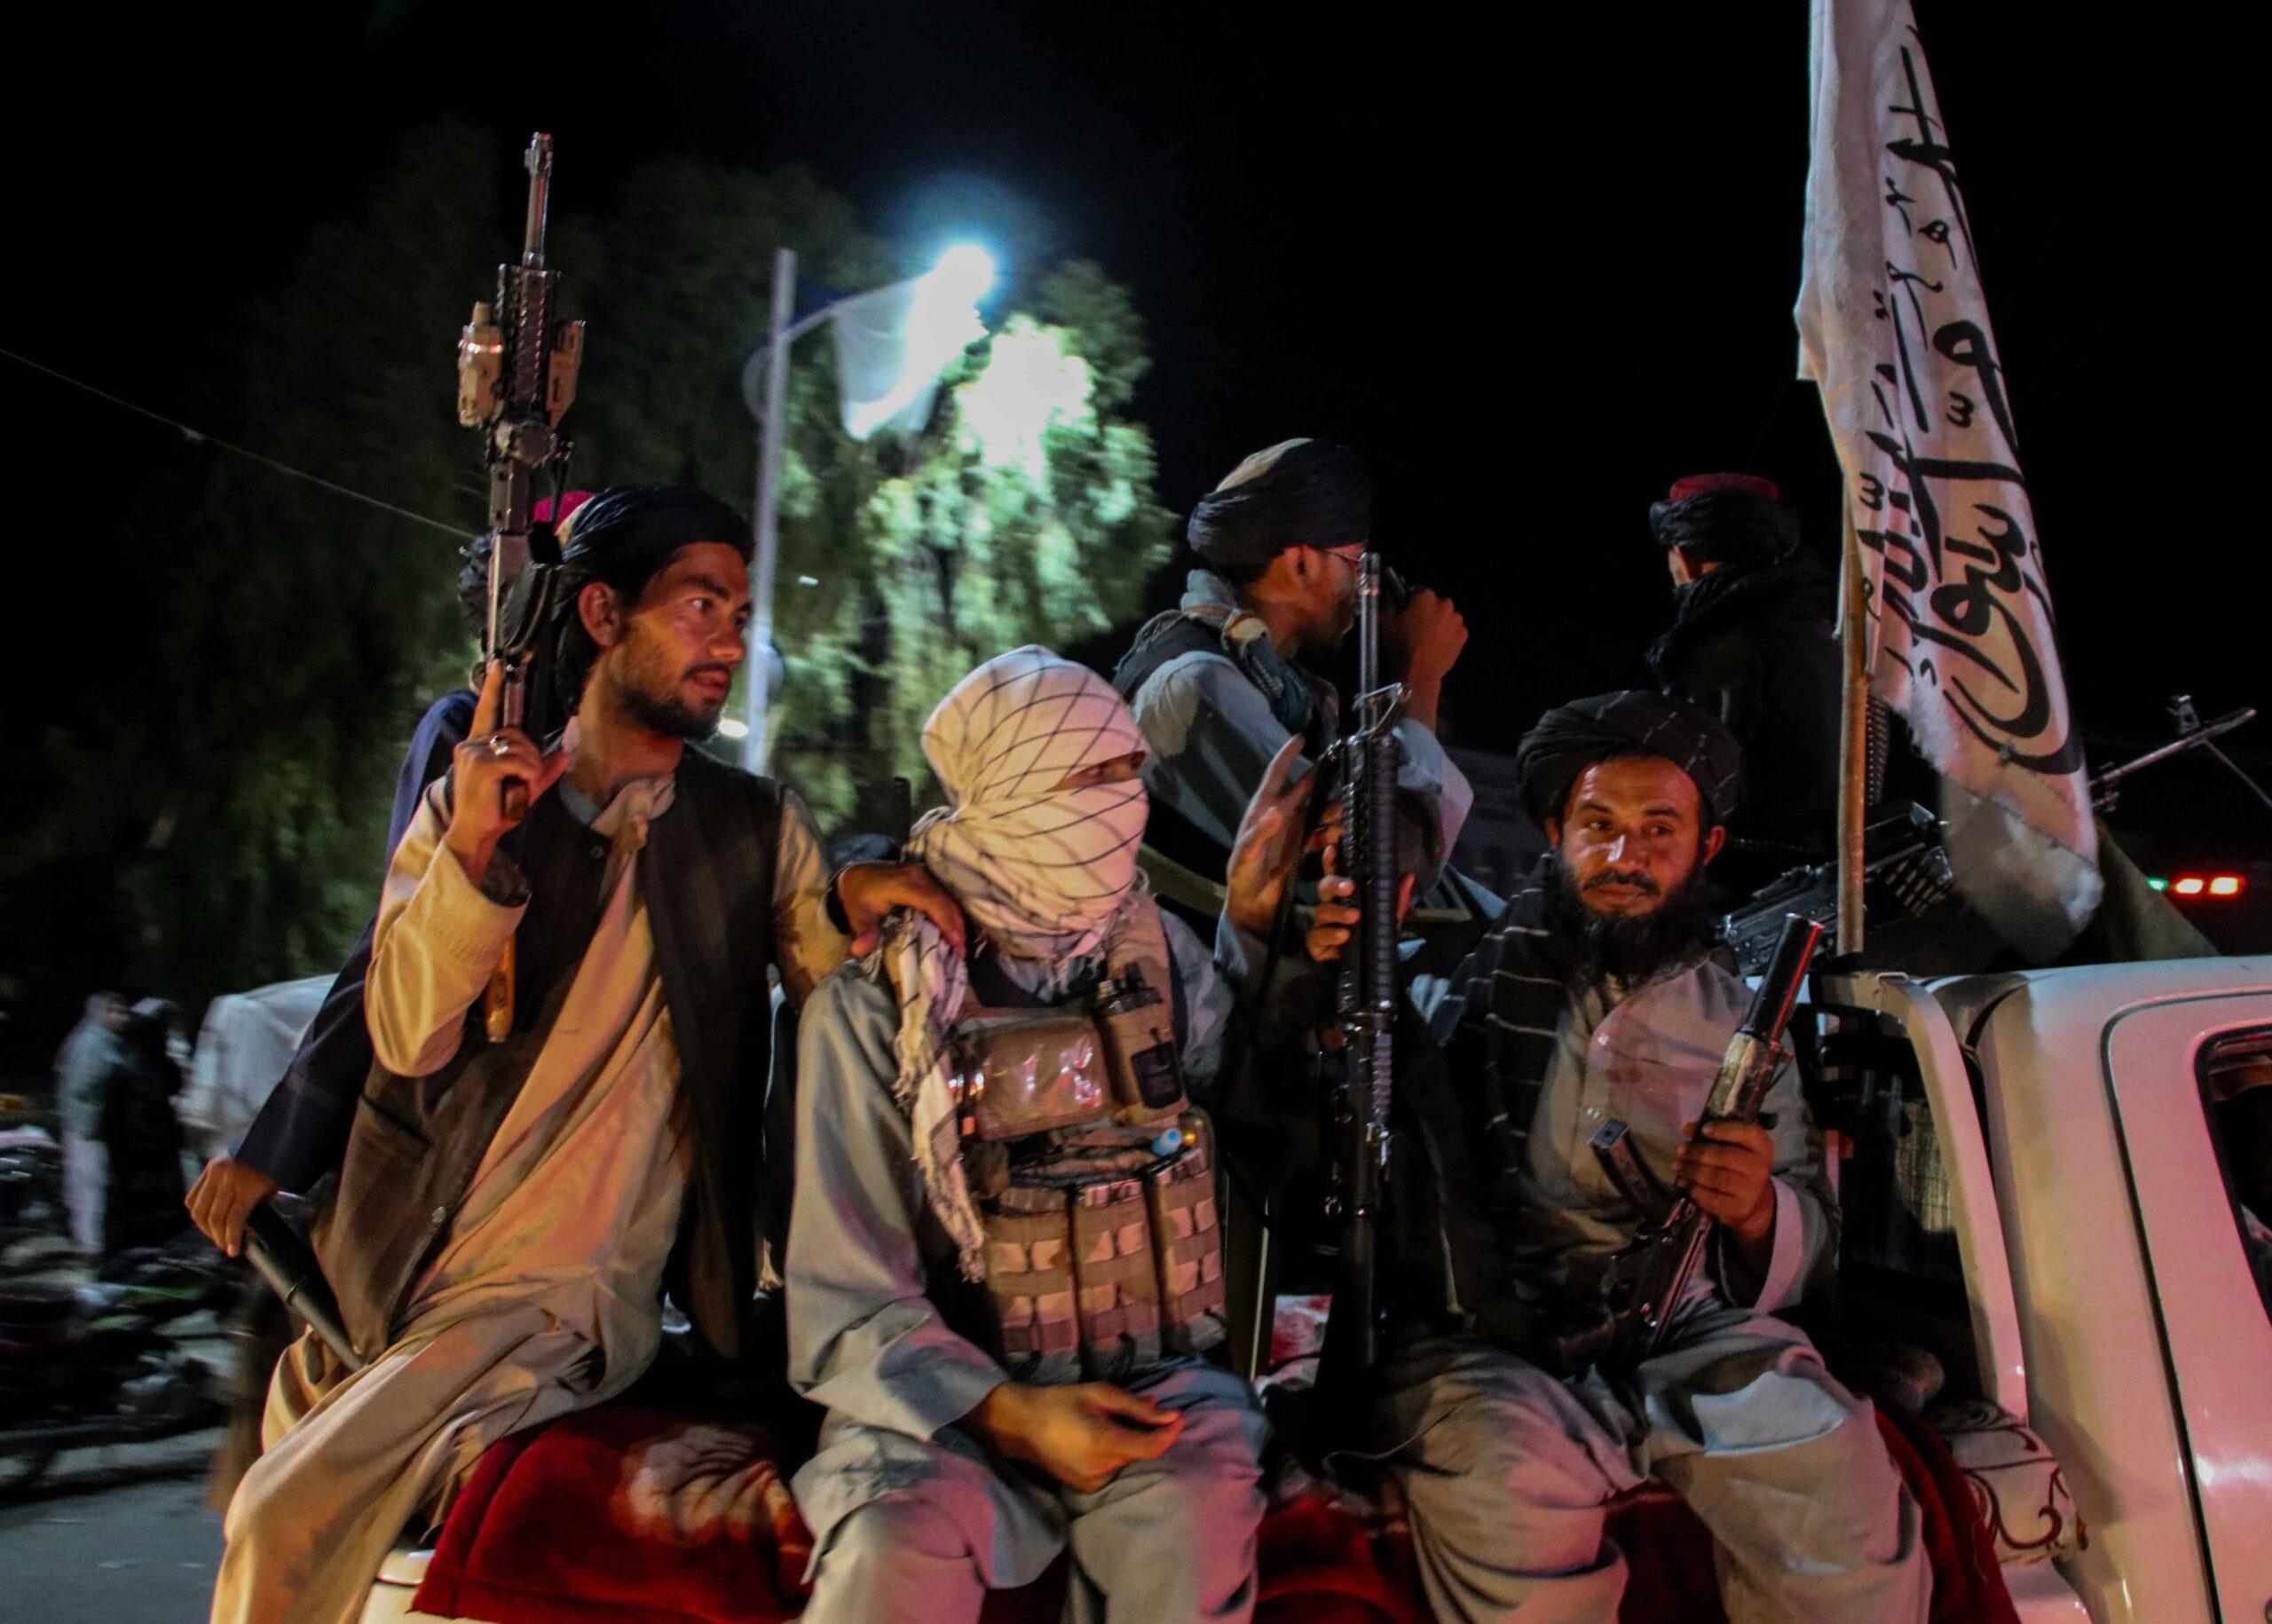 Elkezdődött a hatalmi harc a tálibok között